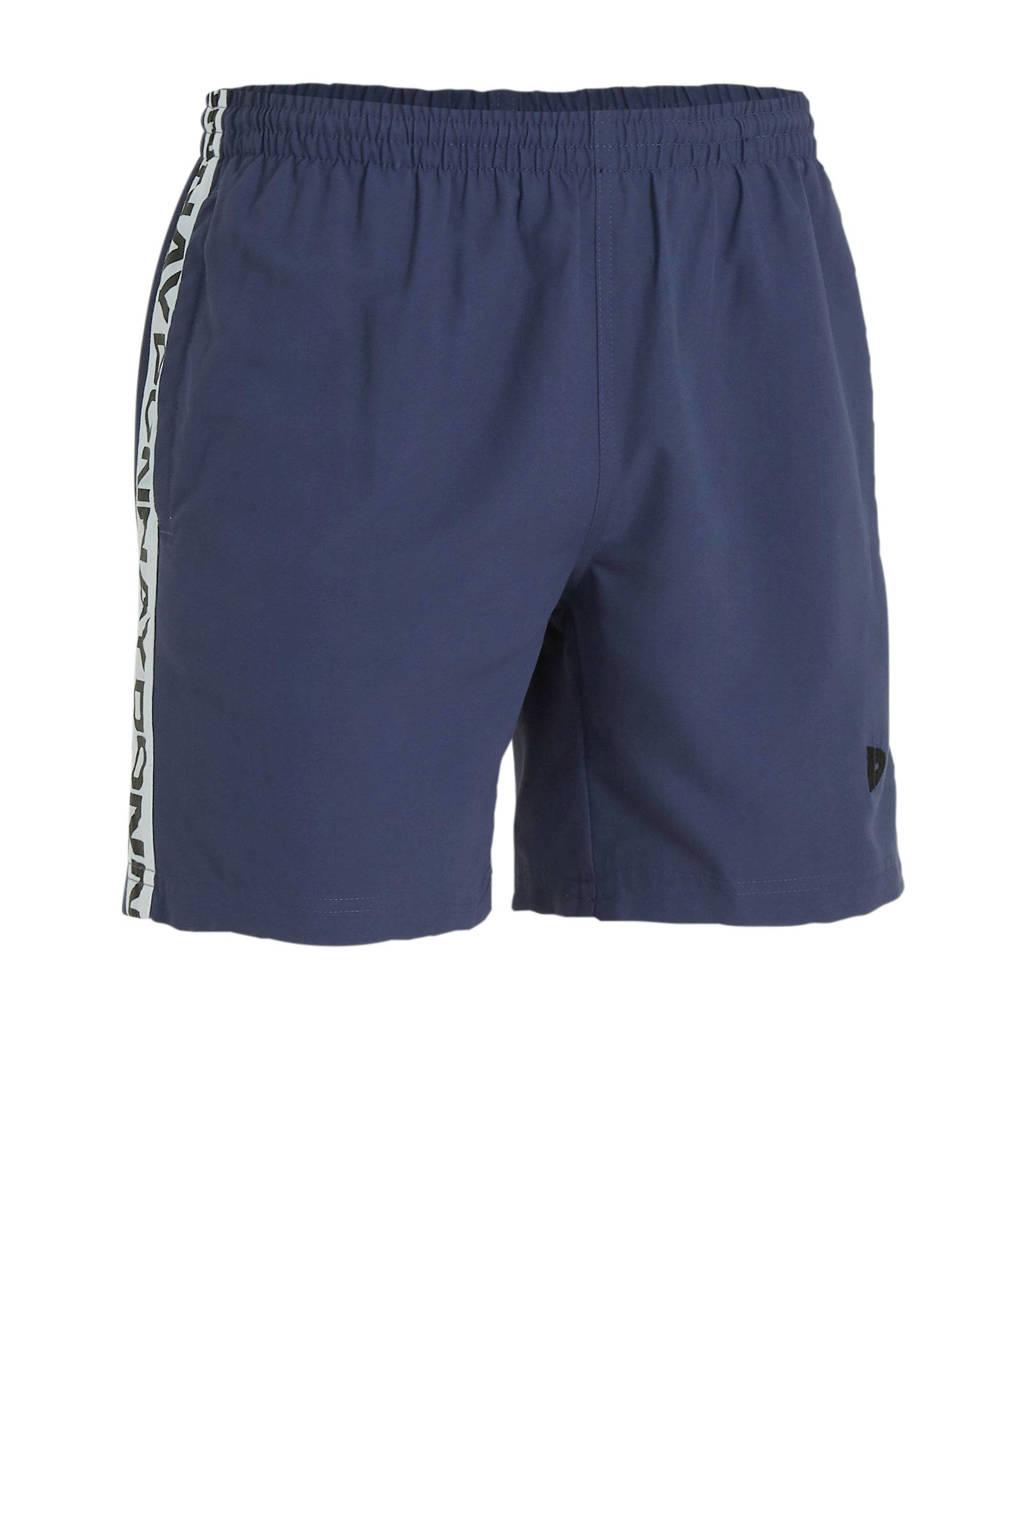 Donnay   sport/zwemshort blauw, Blauw